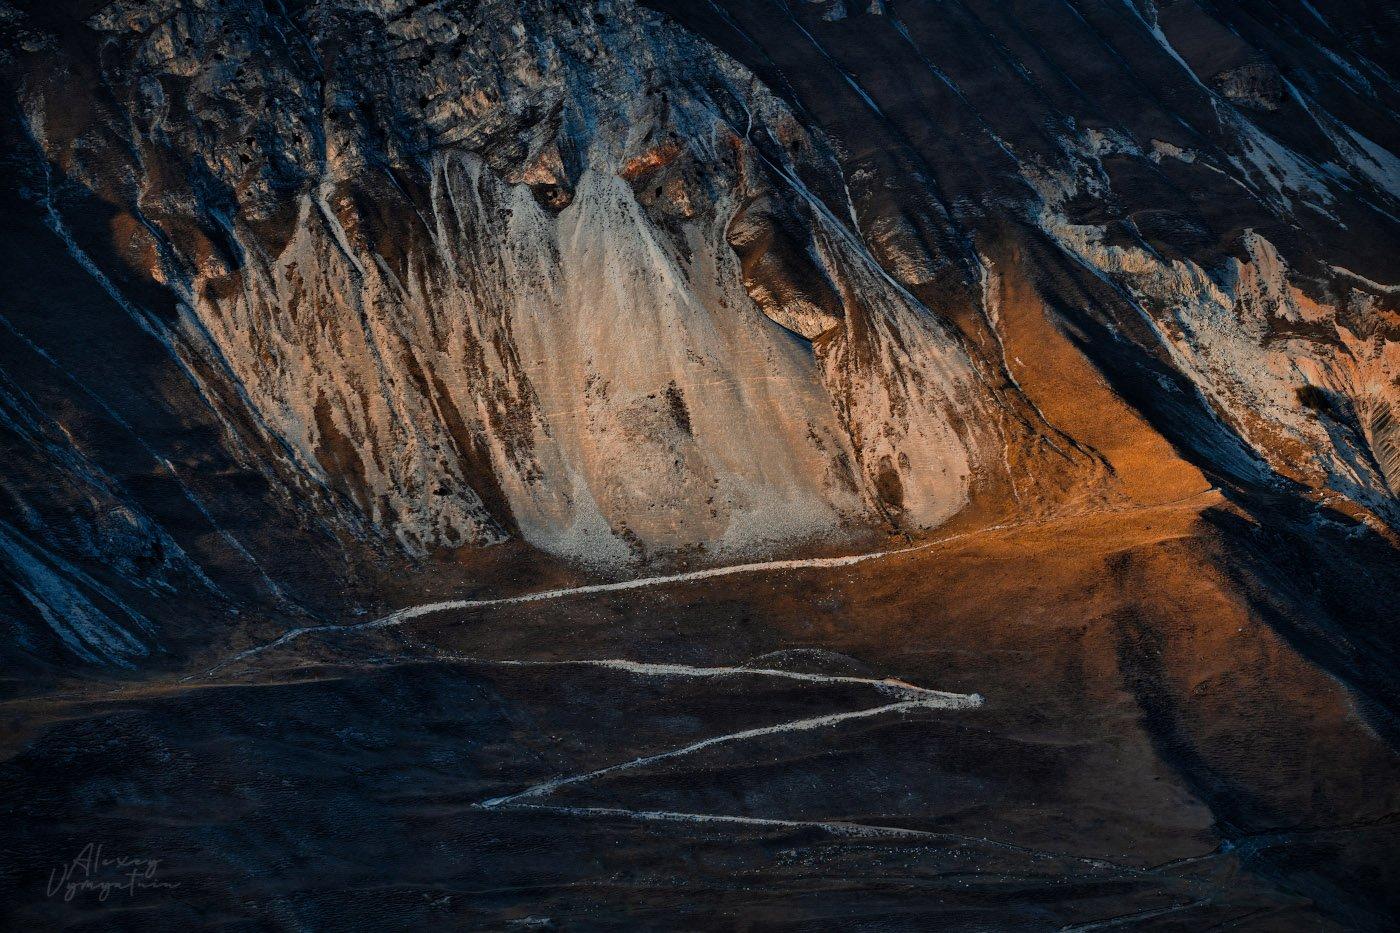 dagestan, дагестан, mountains, sunset. light, серпантин, serpentine, road, Алексей Вымятнин